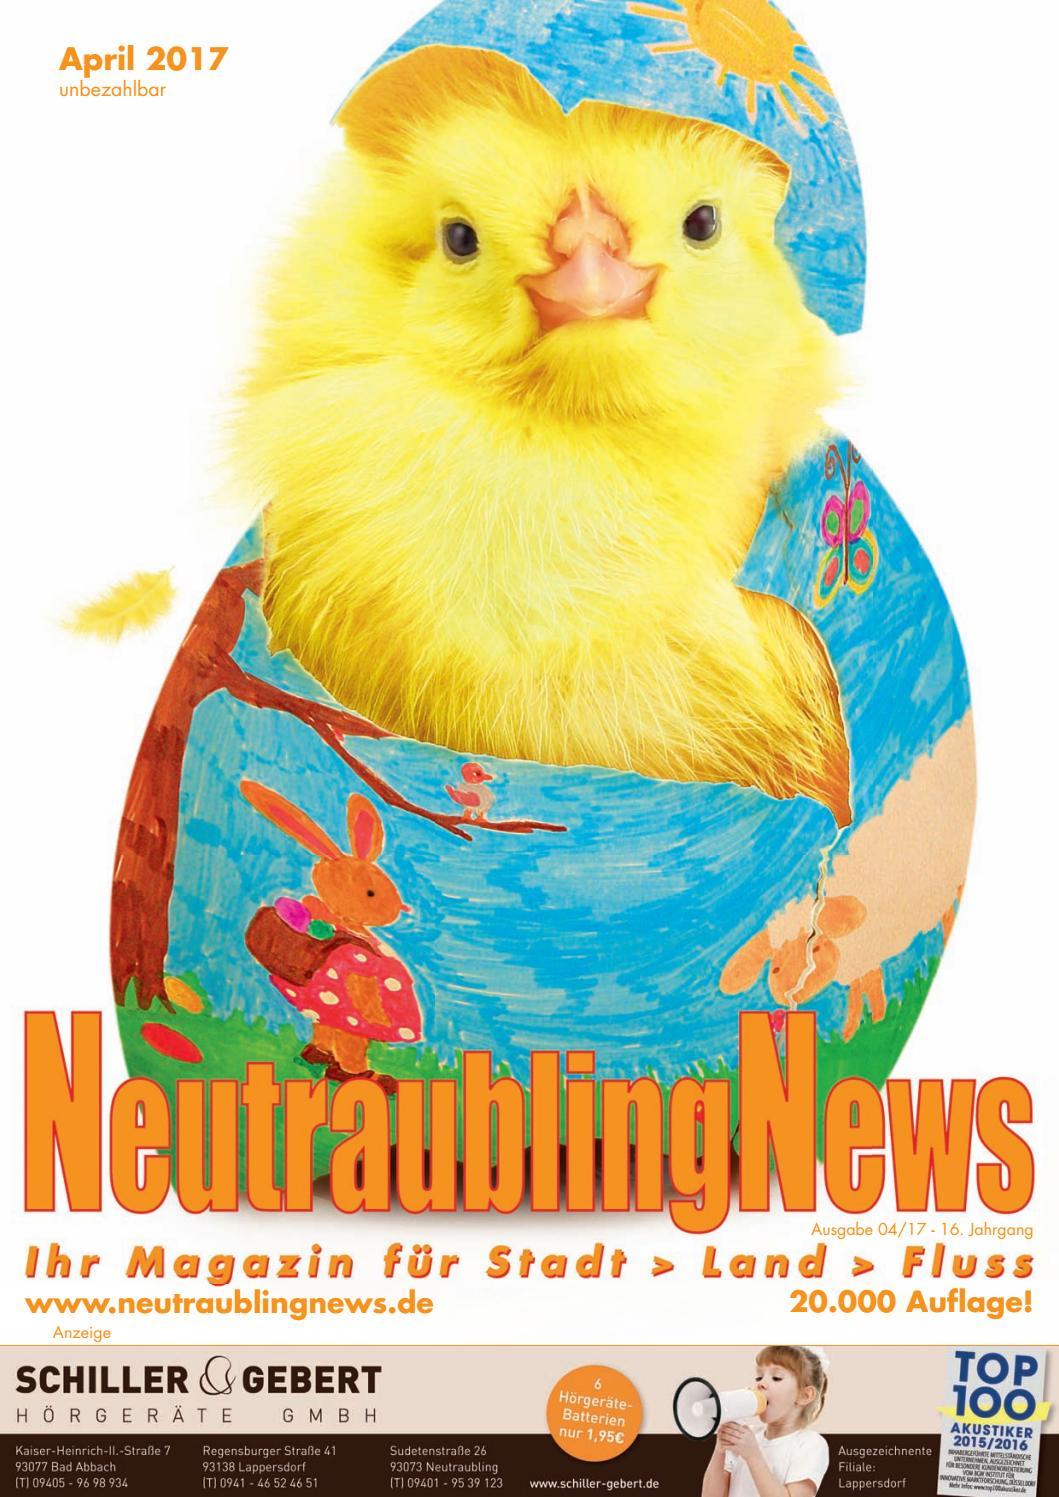 NeutraublingNews April 2017 By SchnappCom GmbH Werbeagentur   Issuu